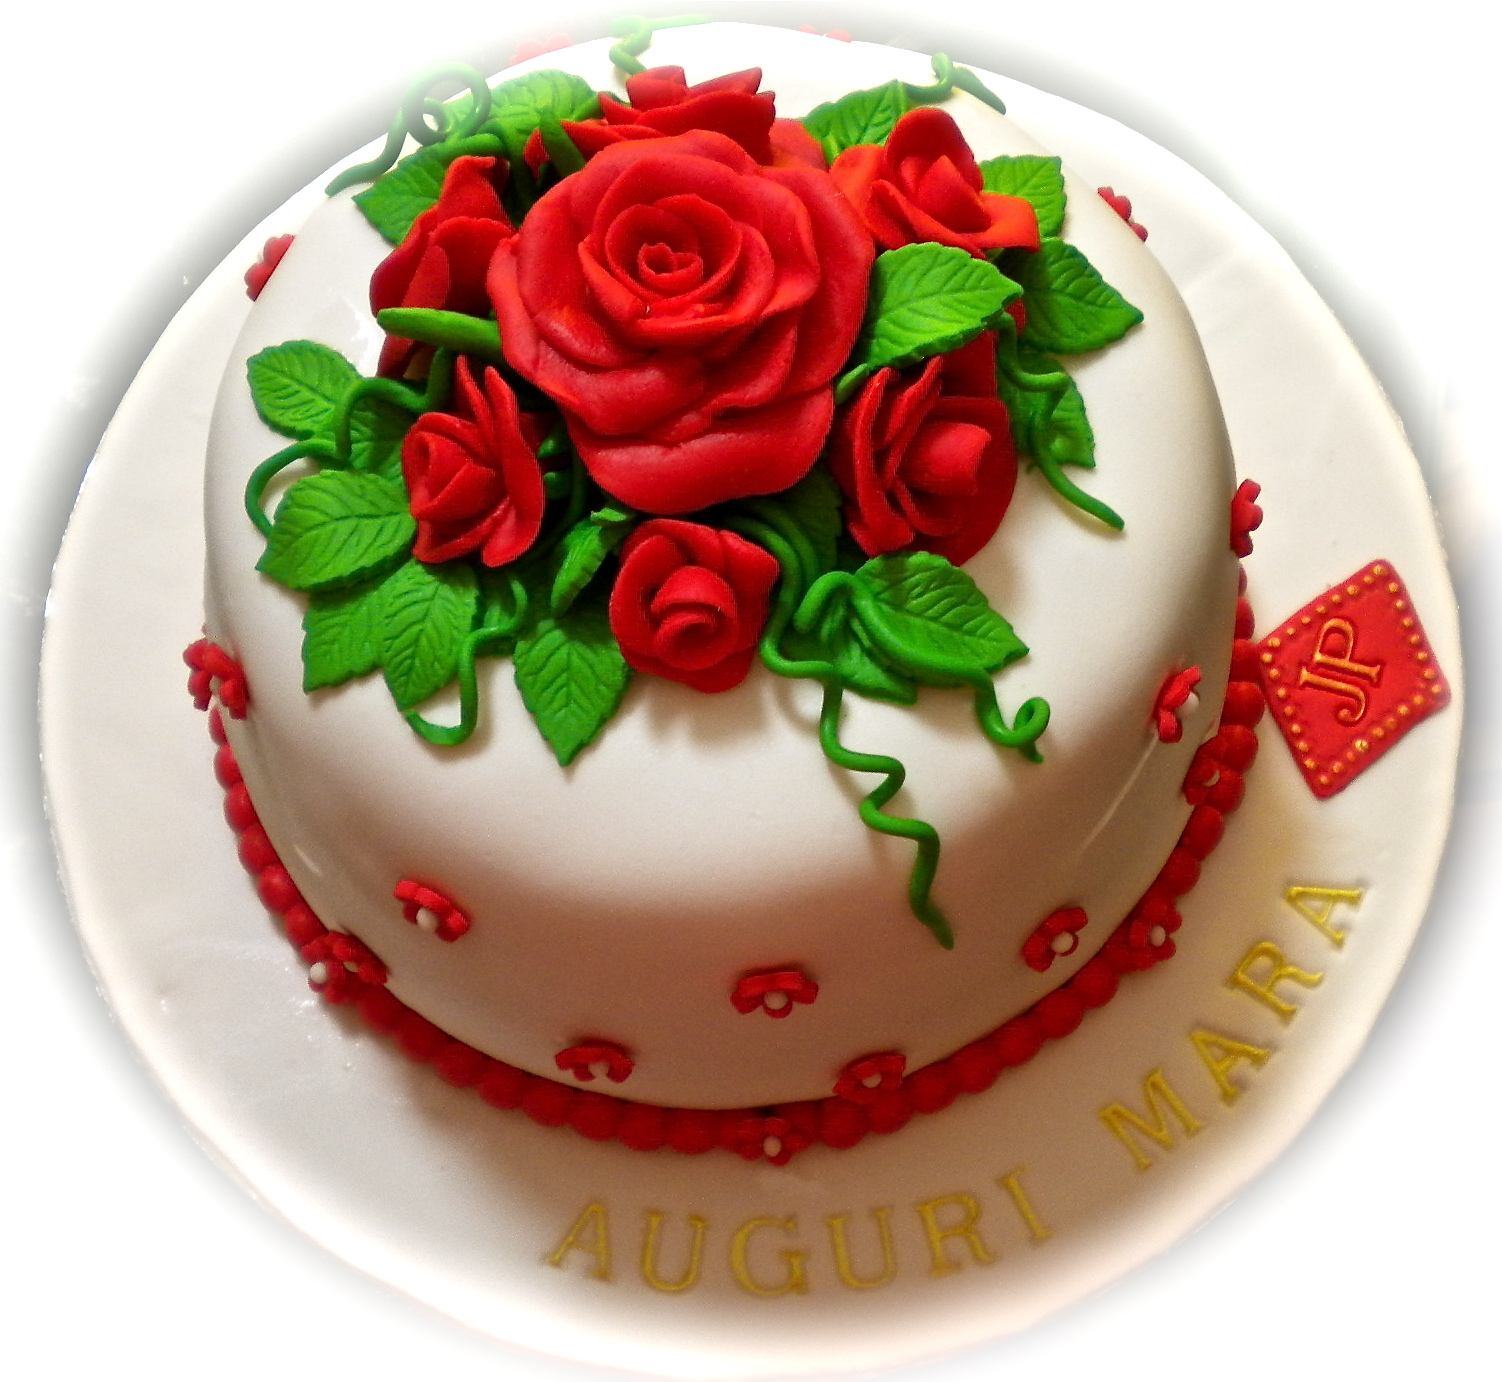 Amato LE TORTE DI PATRICIA: Torta di compleanno con rose rosse per Mara GK53